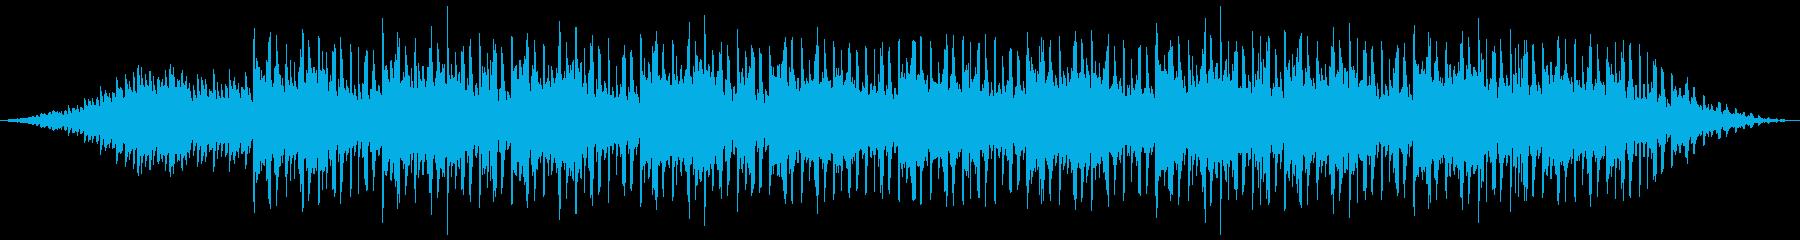 チルアウト リラックス ローファイの再生済みの波形